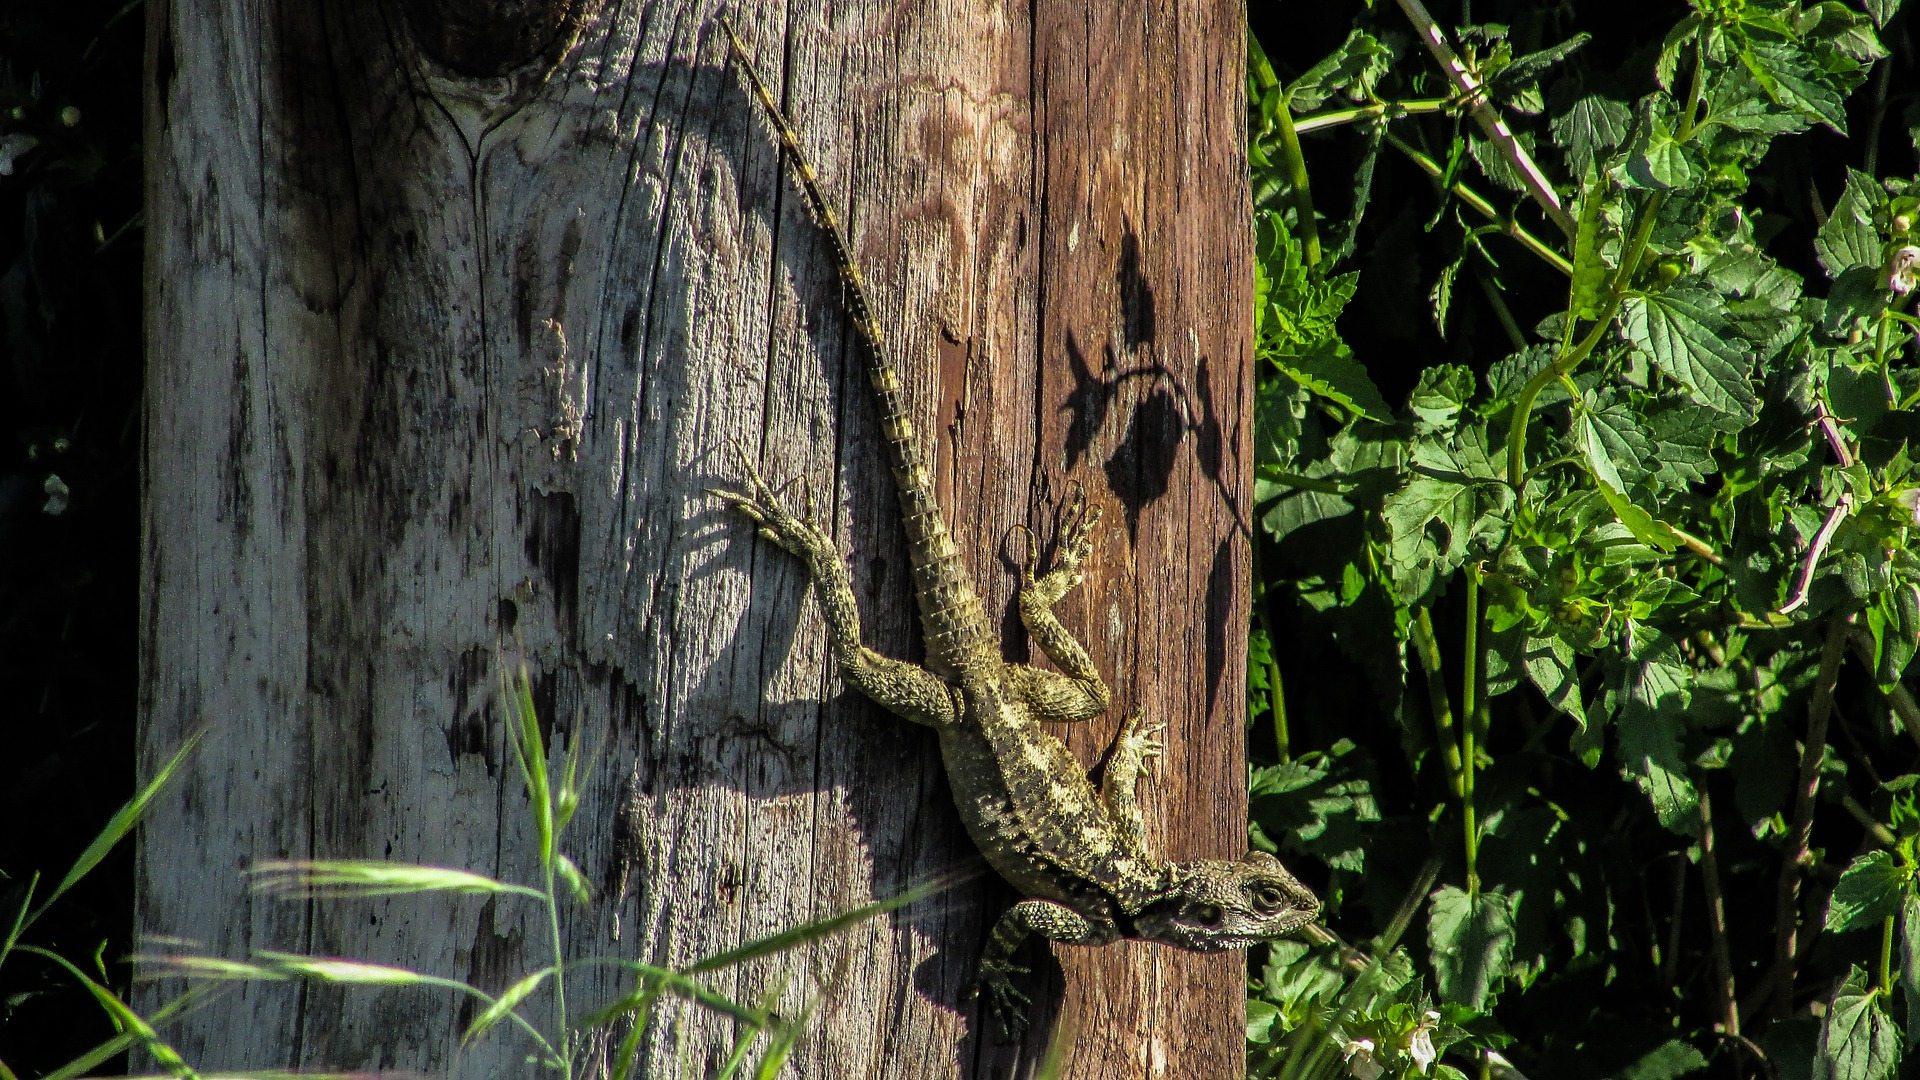 lizard-1230948_1920